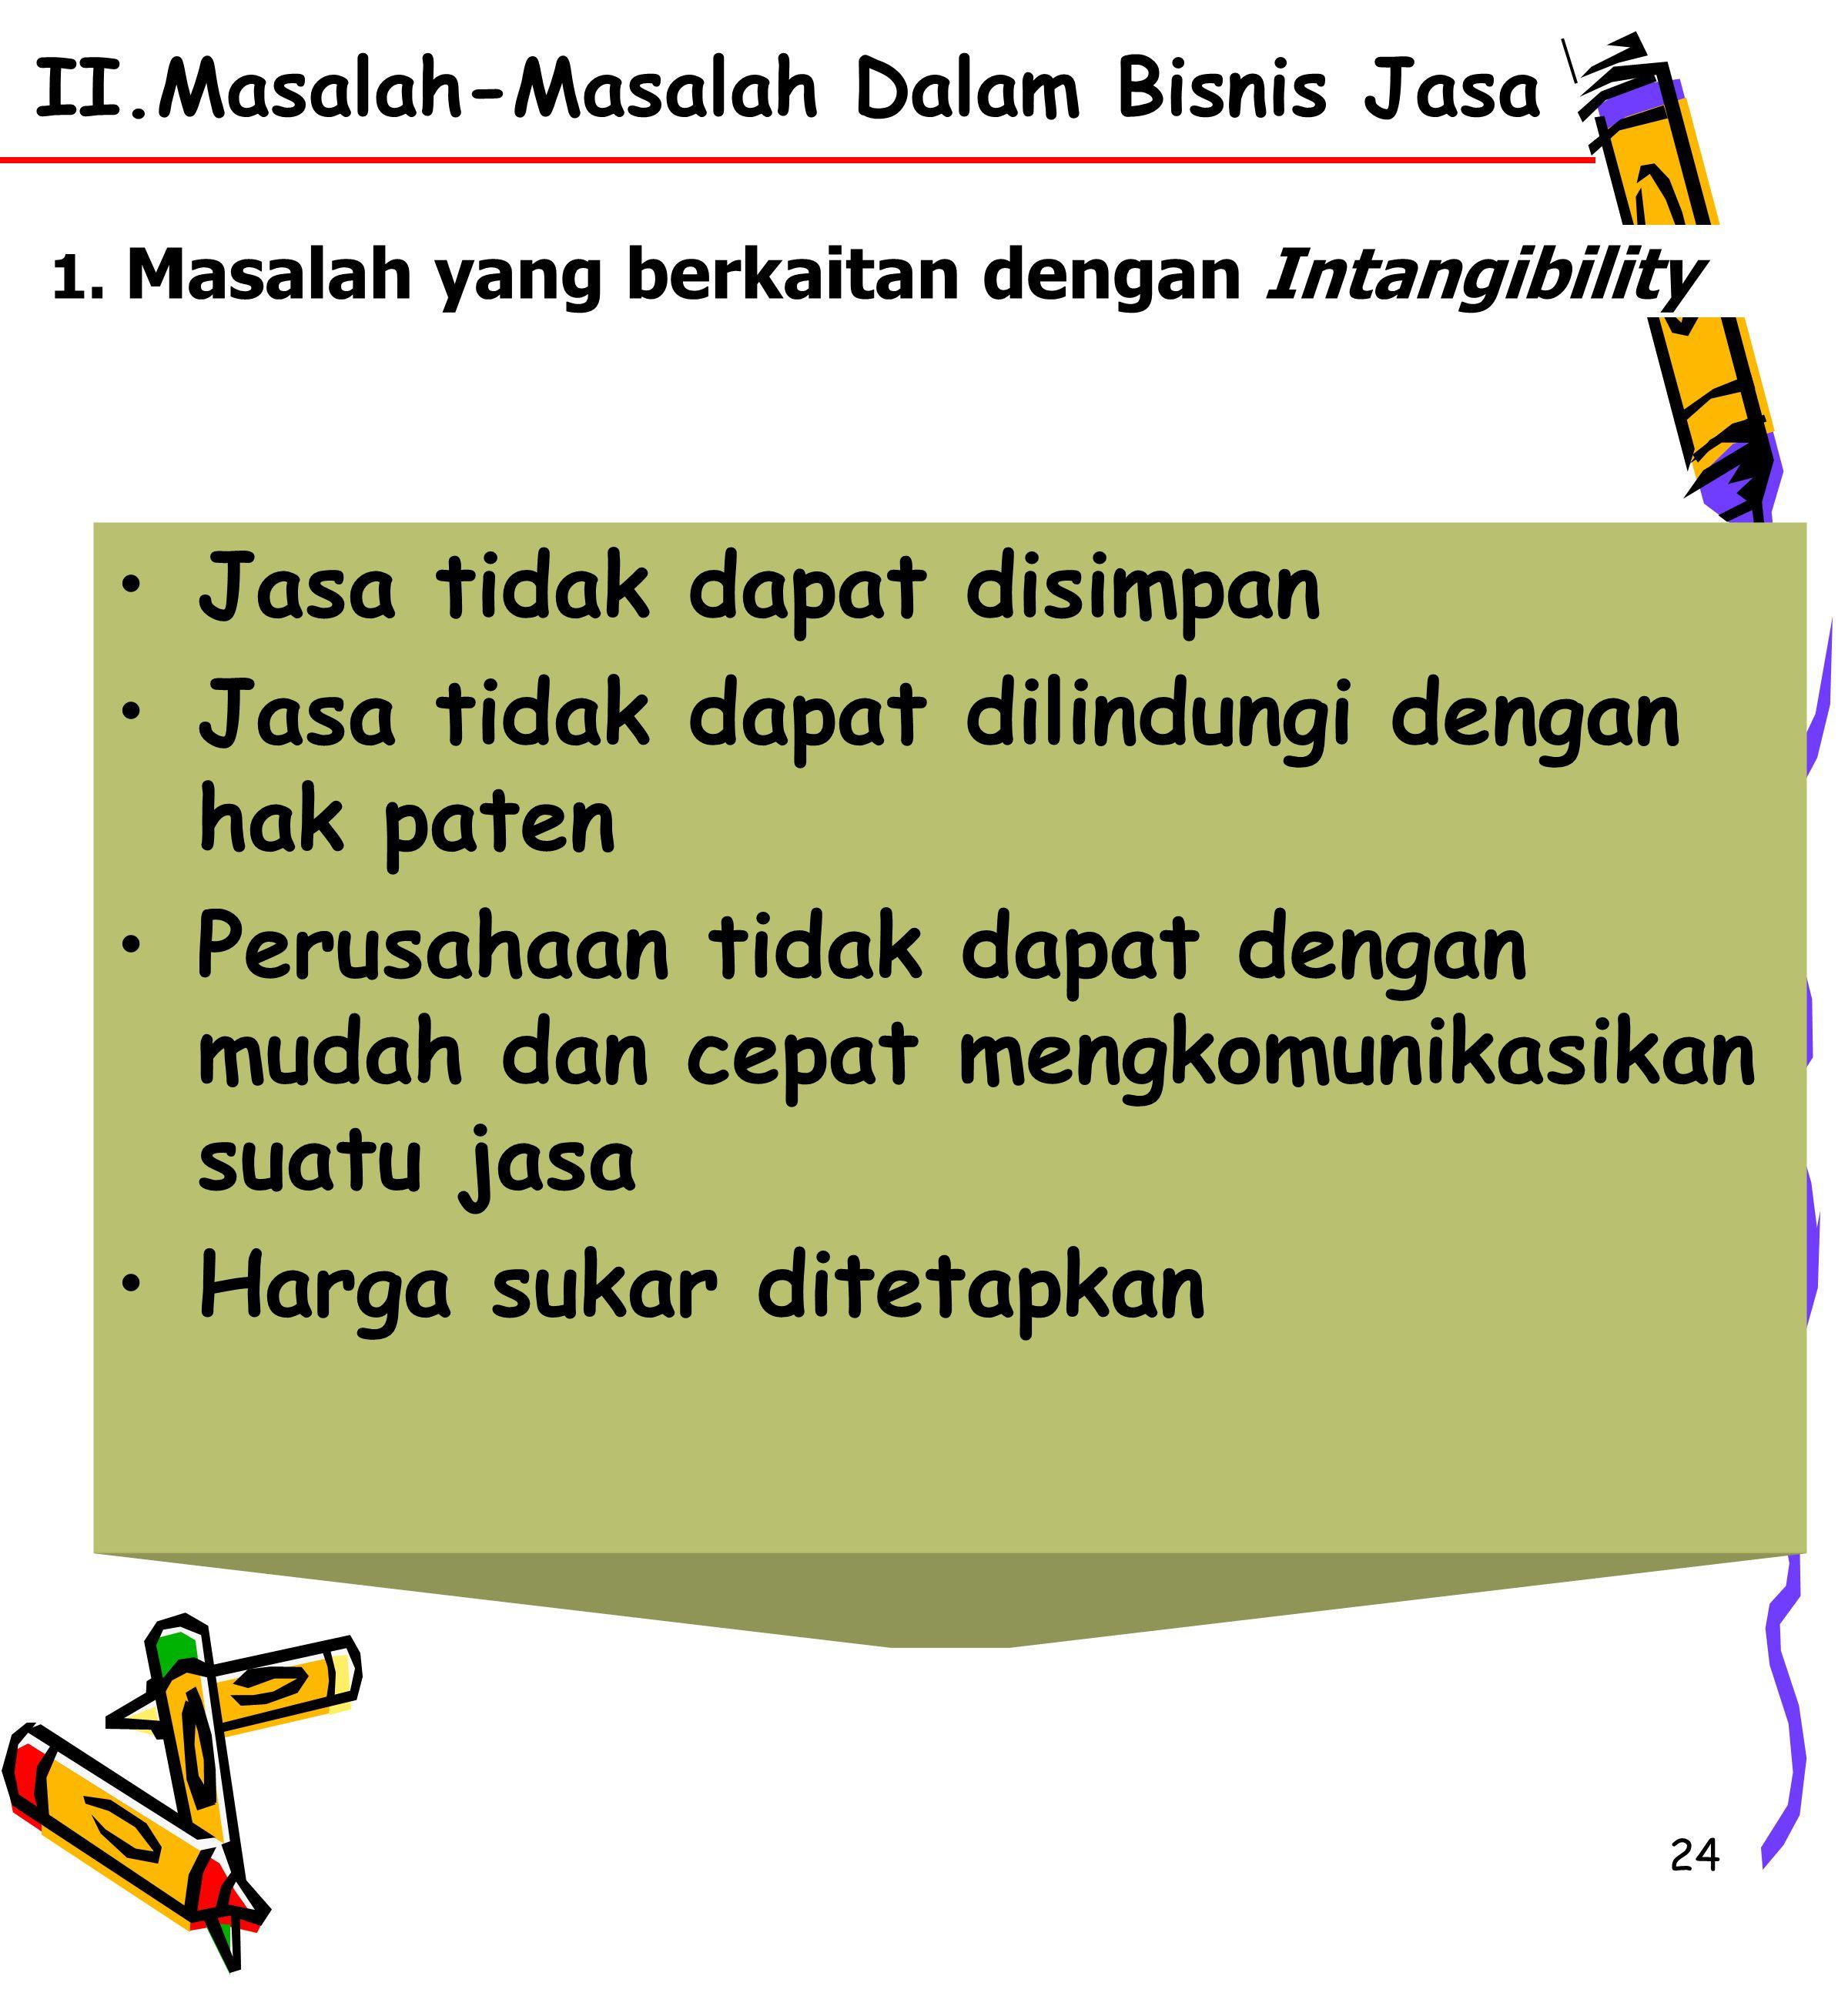 II.Masalah-Masalah Dalam Bisnis Jasa